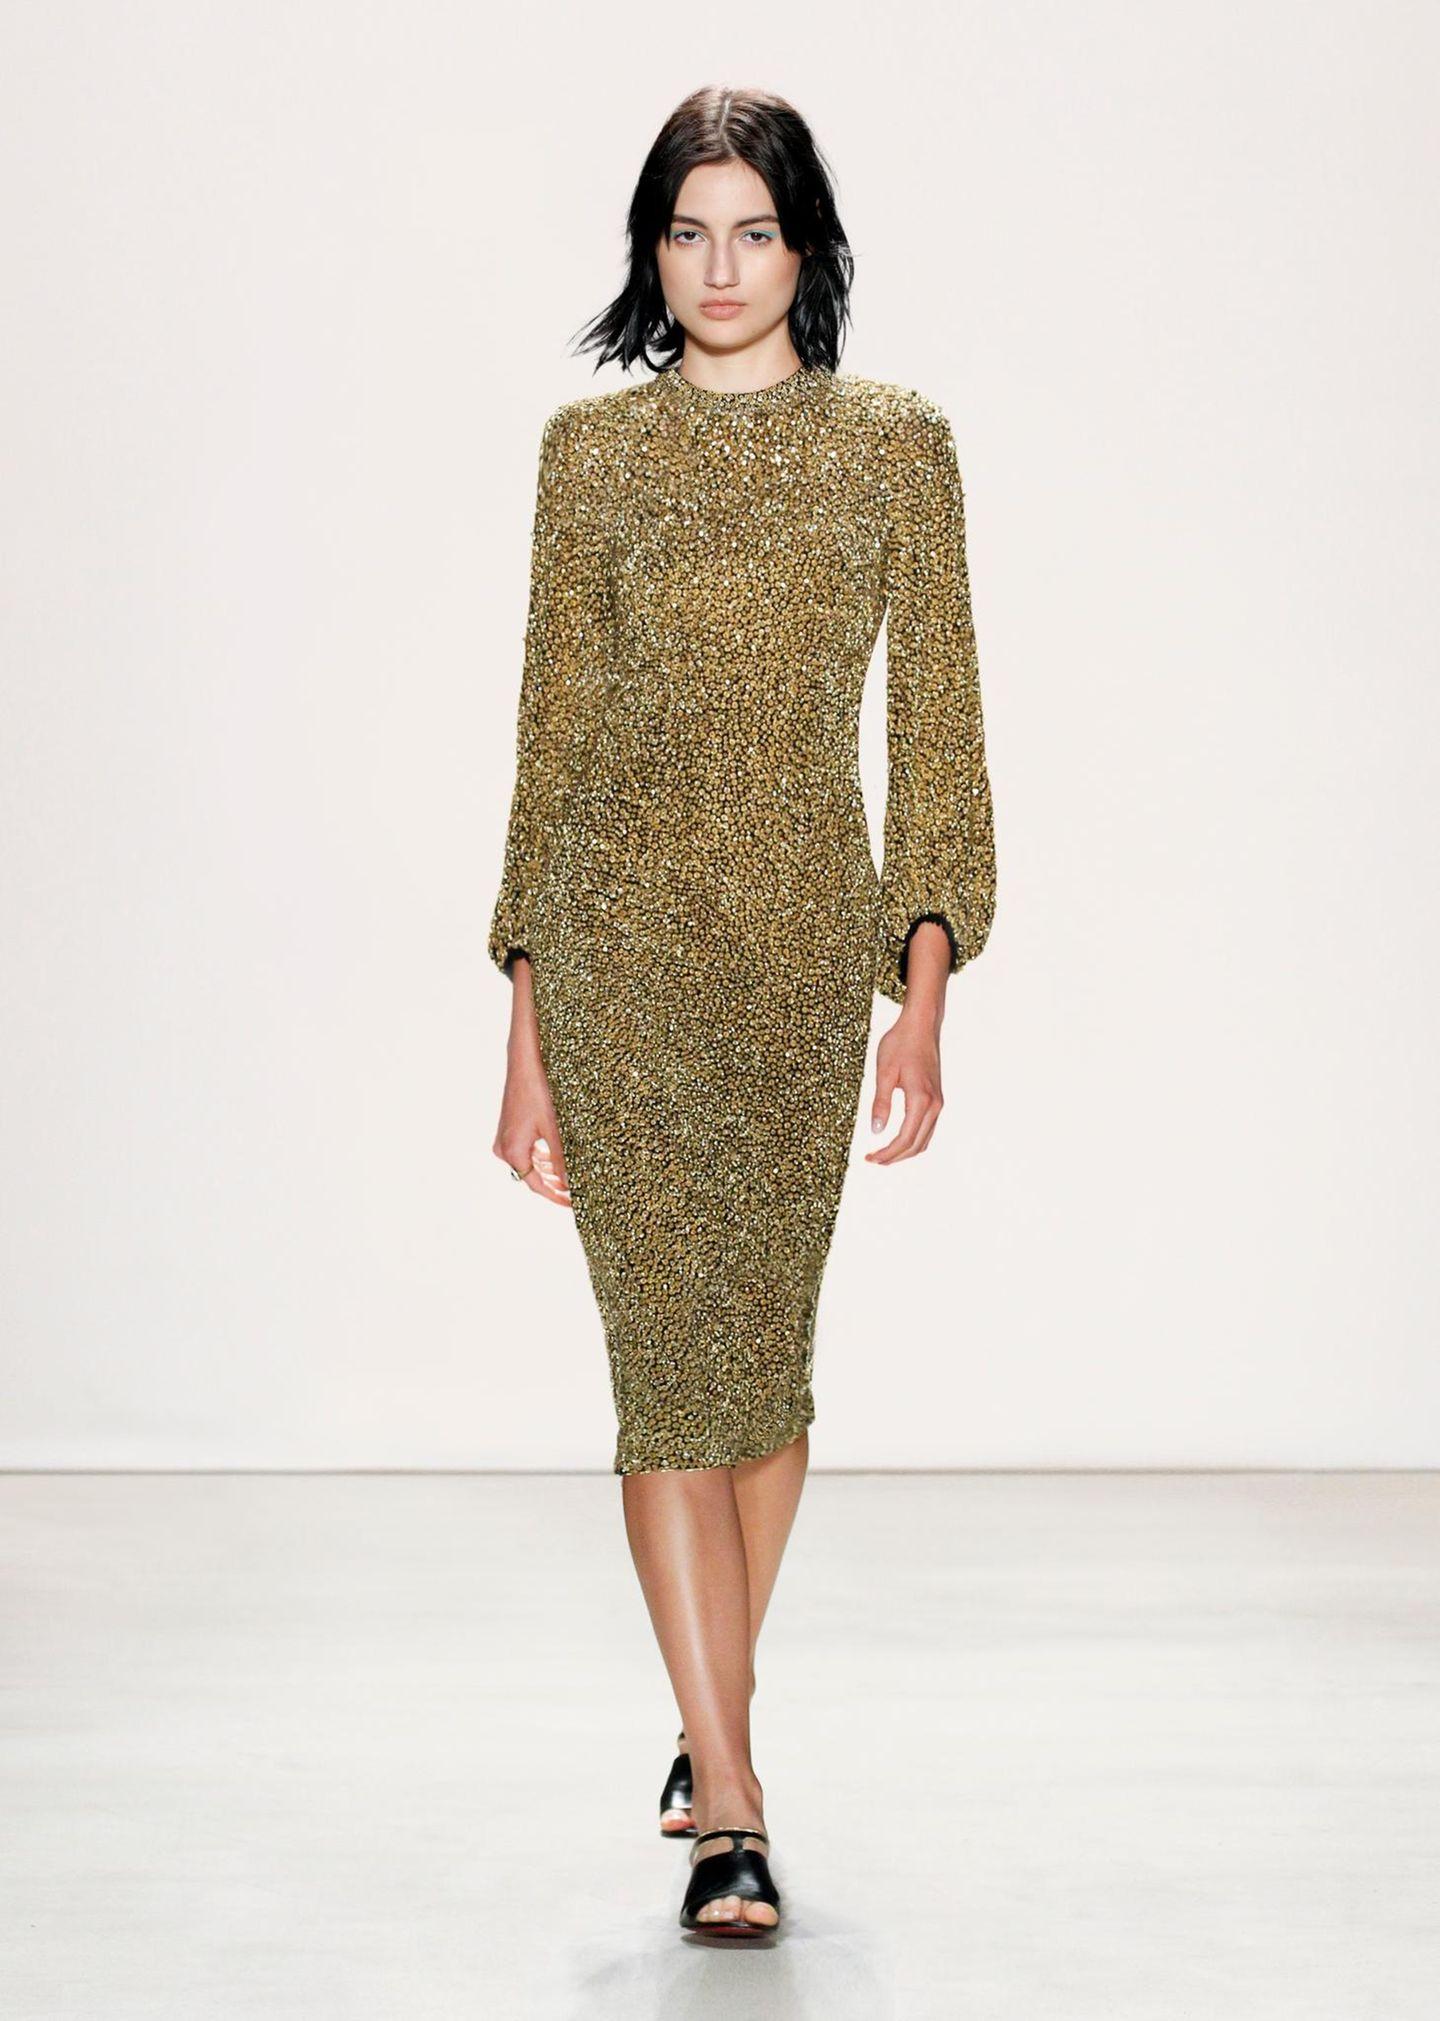 Jenny Packham F/S 2016: Cocktailparty im Buckingham Palace? Mit diesem goldfarbenen Kleid wäre Kate der Star des Abends.